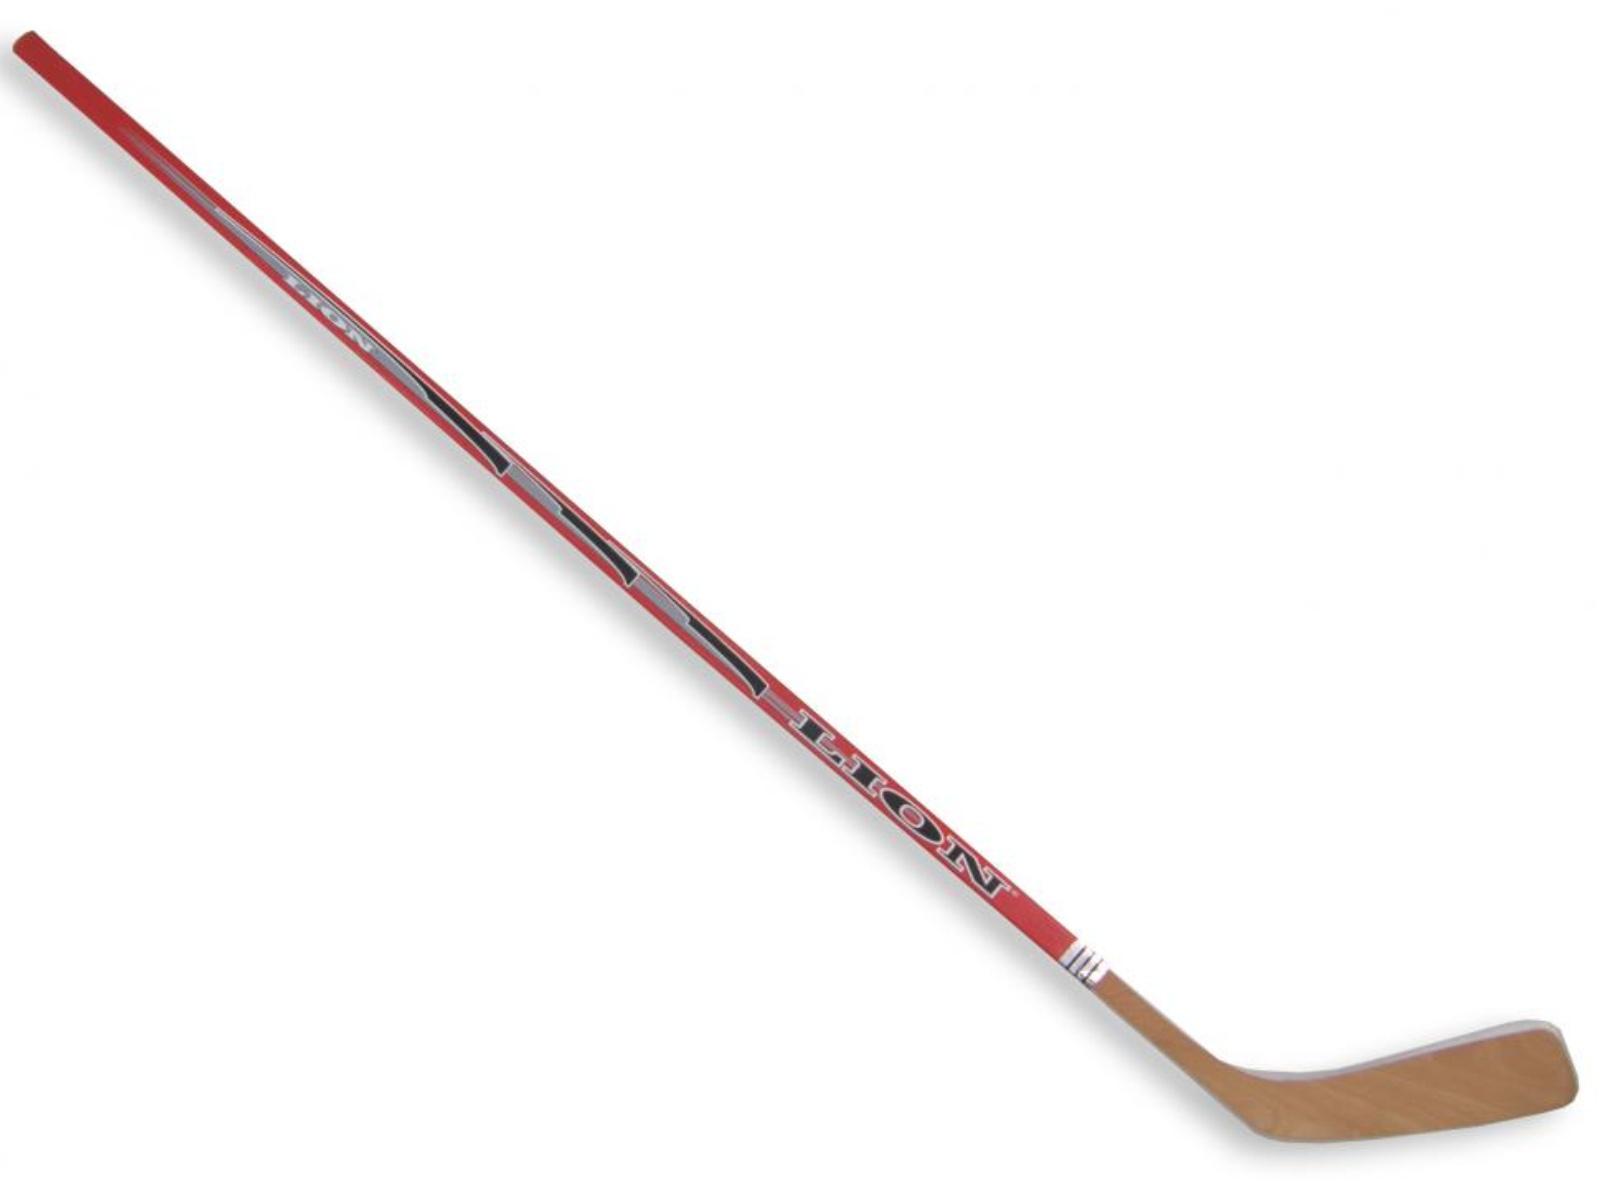 Hokejka LION 3377 - 147 cm levá - červená